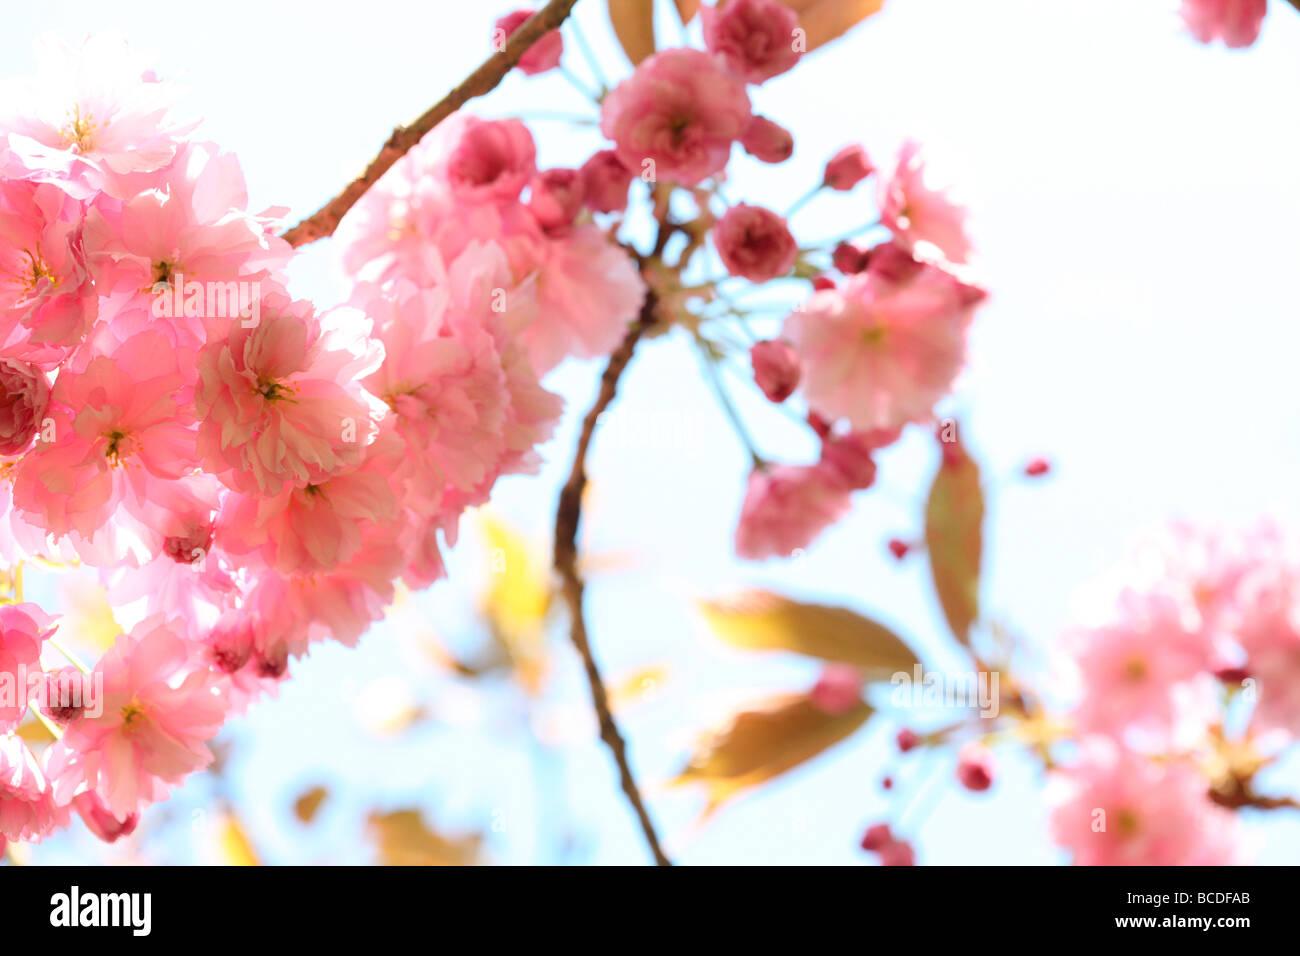 El sabor de la primavera flor de cerezo prunus fotografía artística Jane Ann Butler Fotografía JABP456 Imagen De Stock